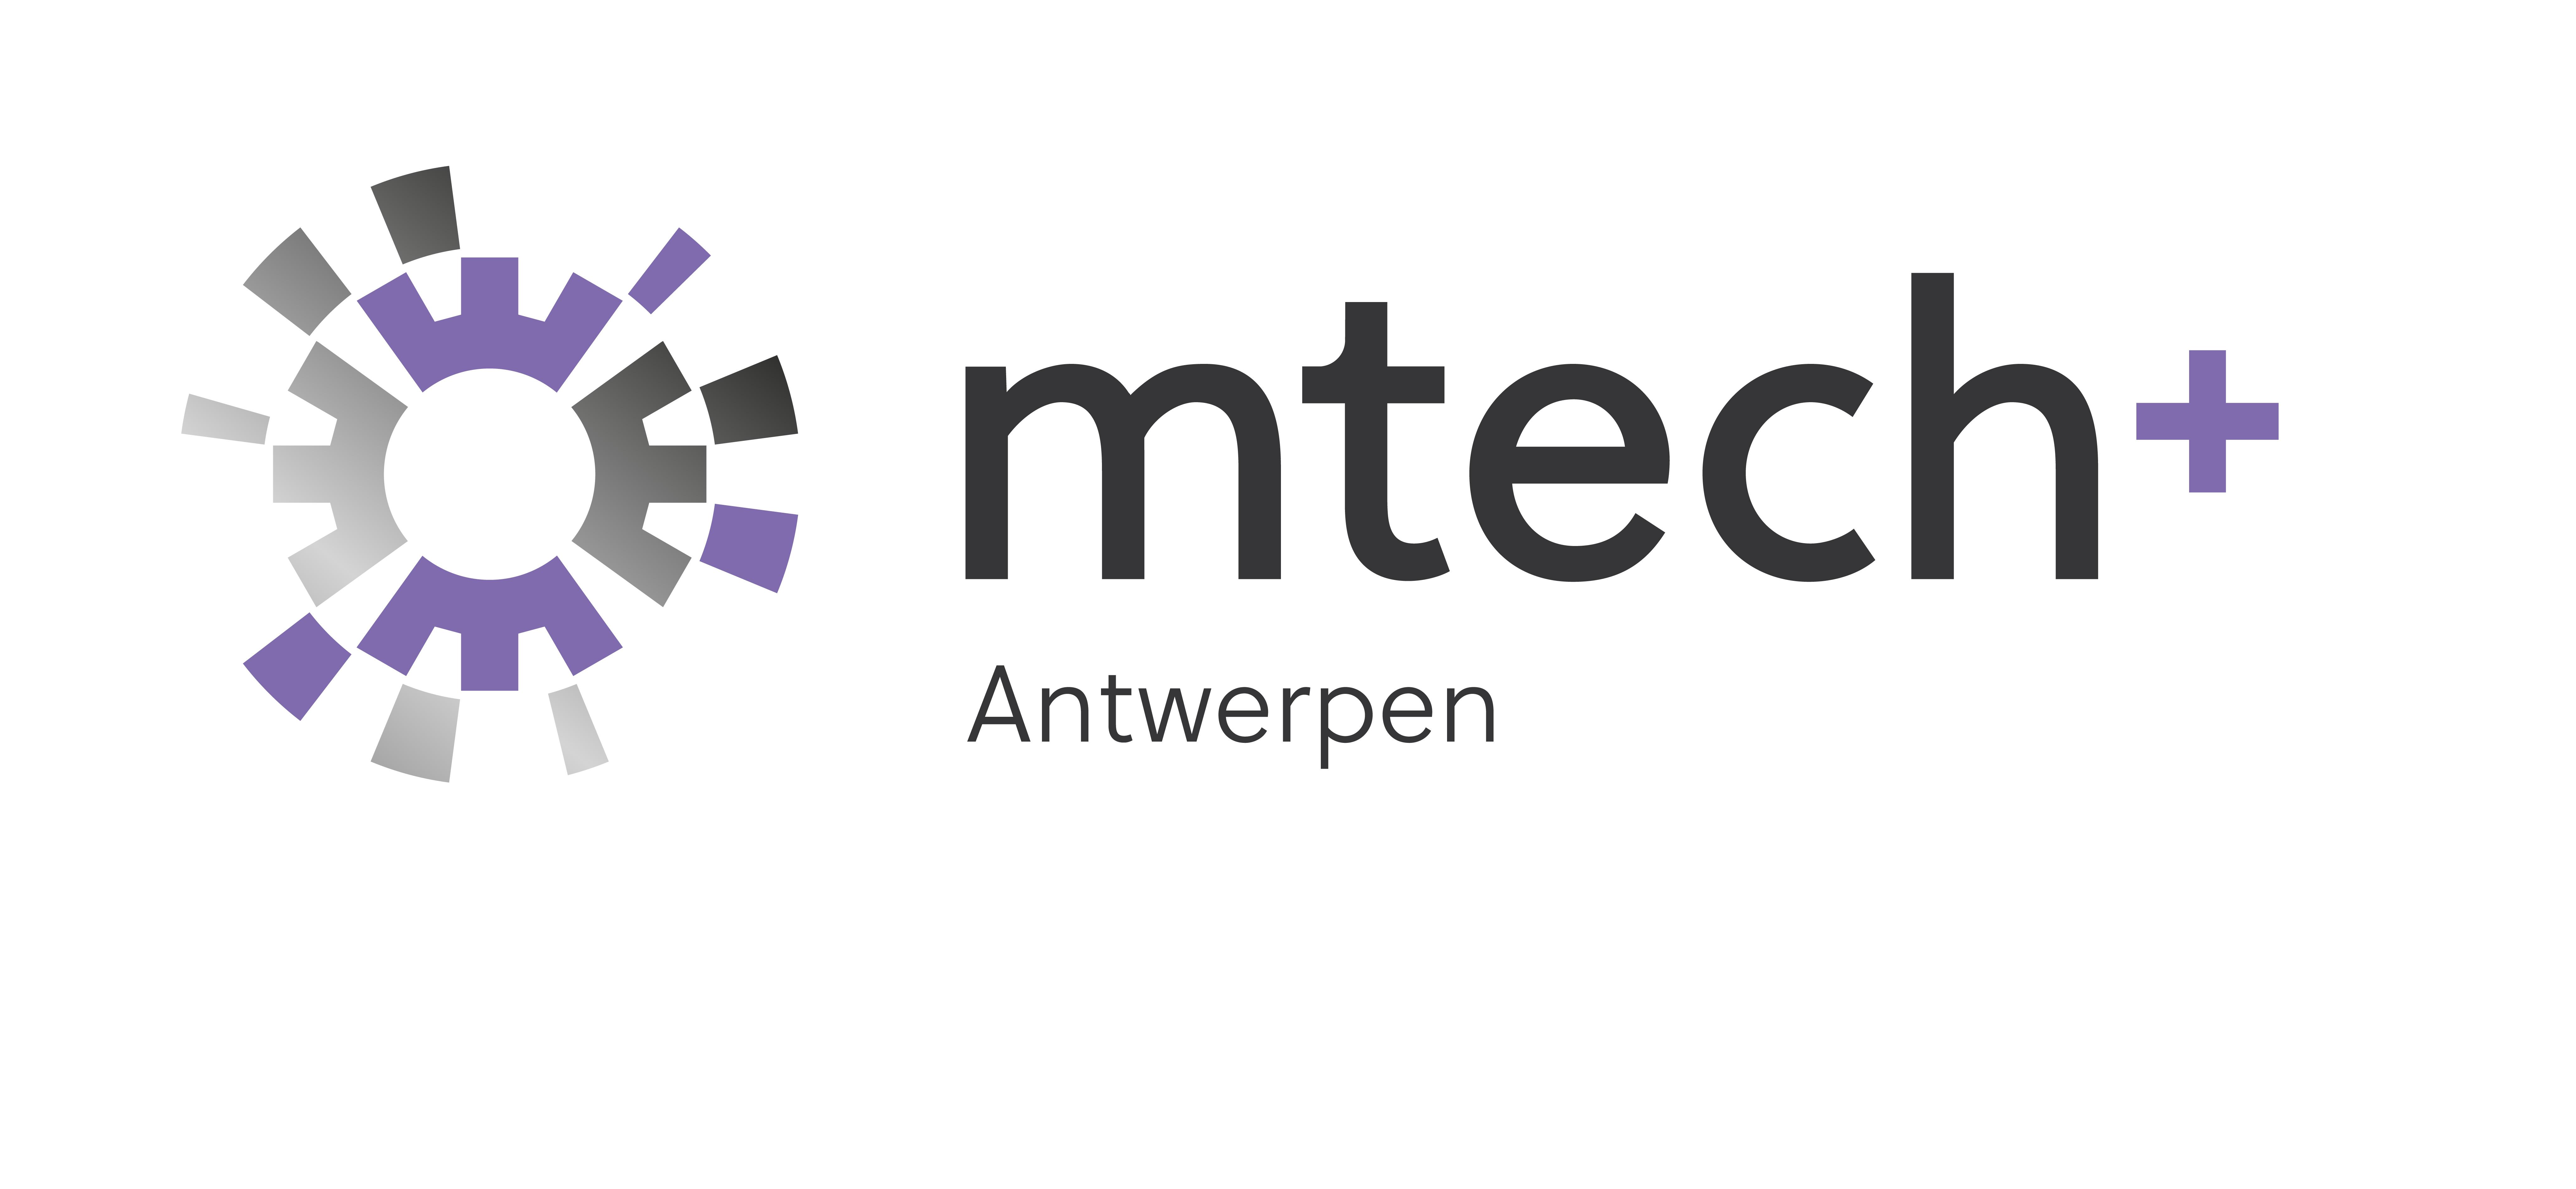 mtech+ regio - Antwerpen